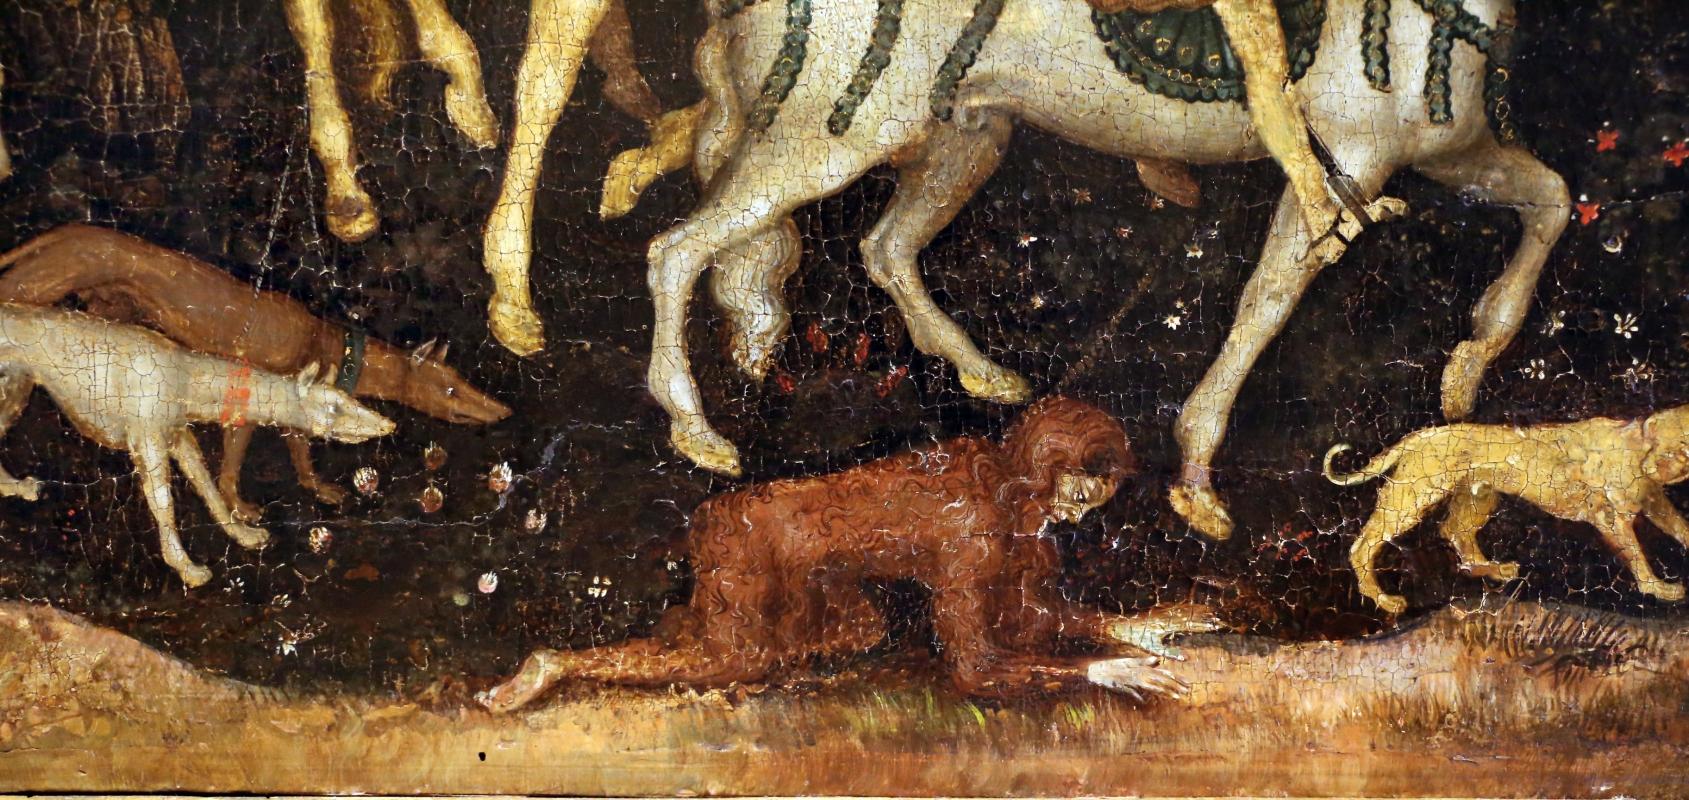 Secondo maestro di carpi, leggenda di san giovanni boccadoro (crisostomo), 1430 ca. 06 uomo selvaggio - Sailko - Modena (MO)